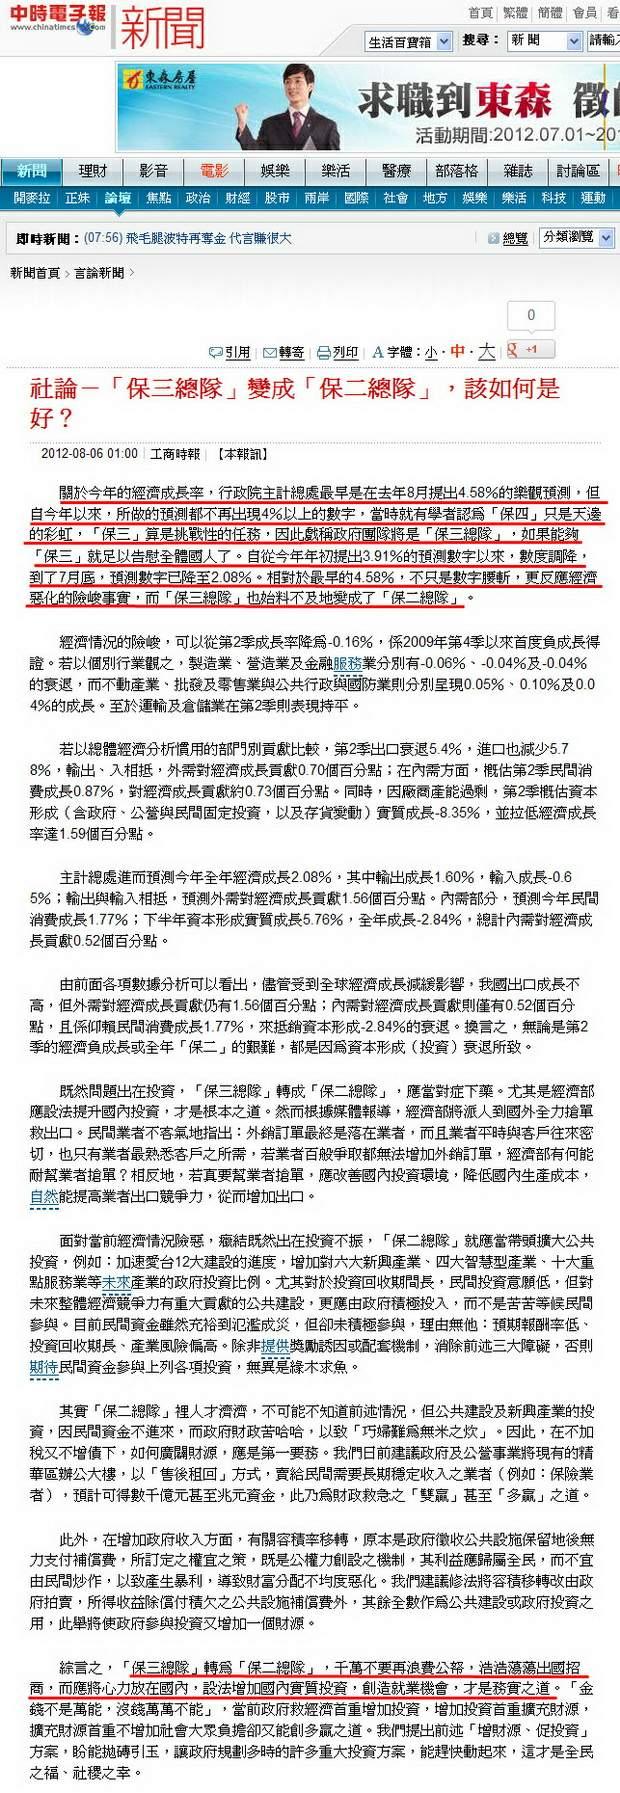 「保三總隊」變成「保二總隊」,該如何是好?-2012.08.06